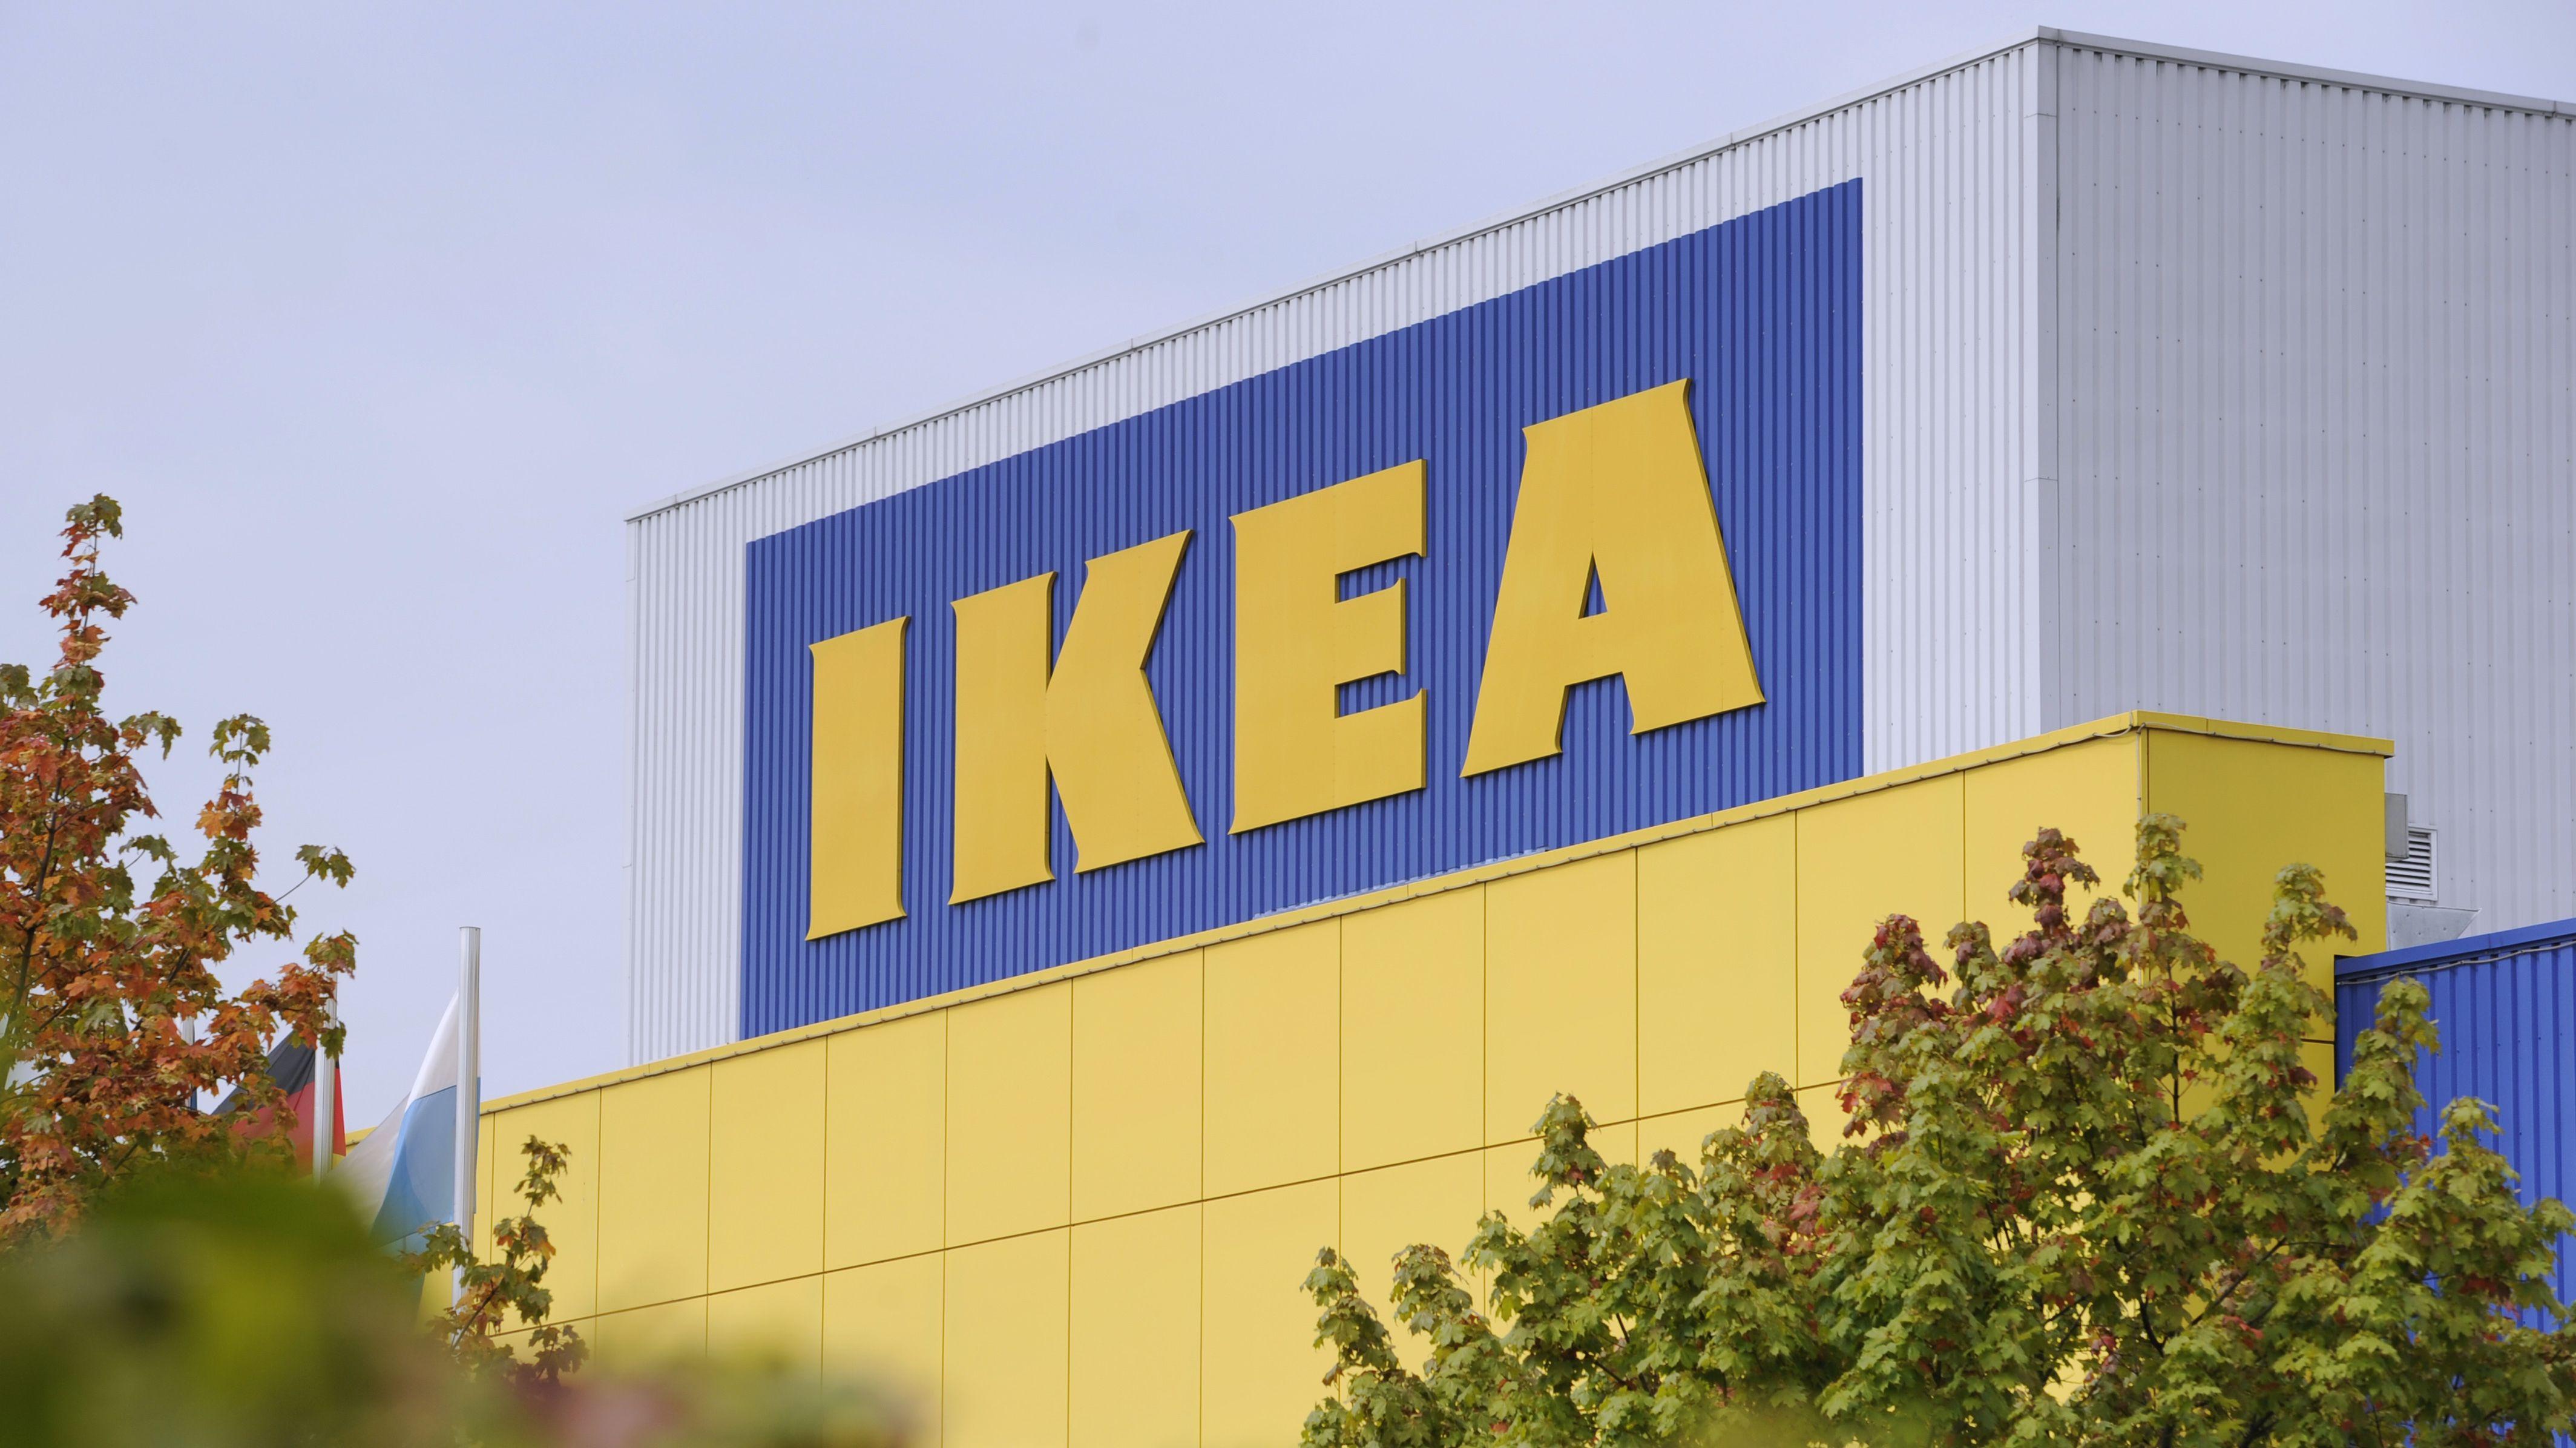 IKEA Moebelhaus in Eching bei Muenchen